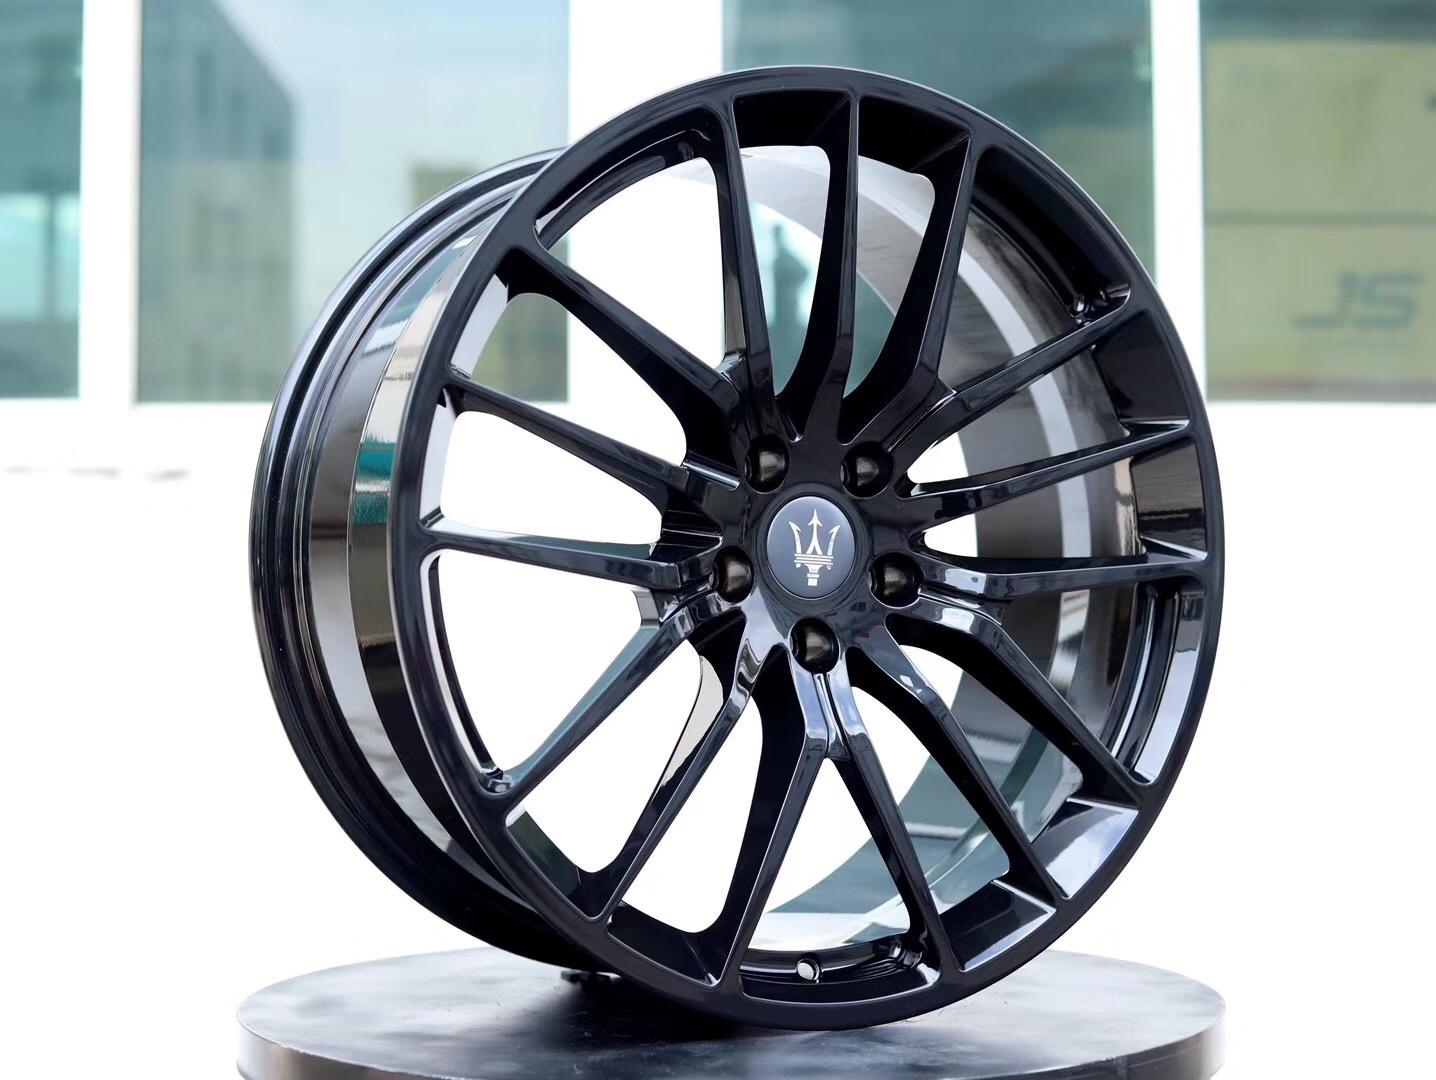 Maserati forge rims Ghibli/Quattroporte/Levante/GranTurismo